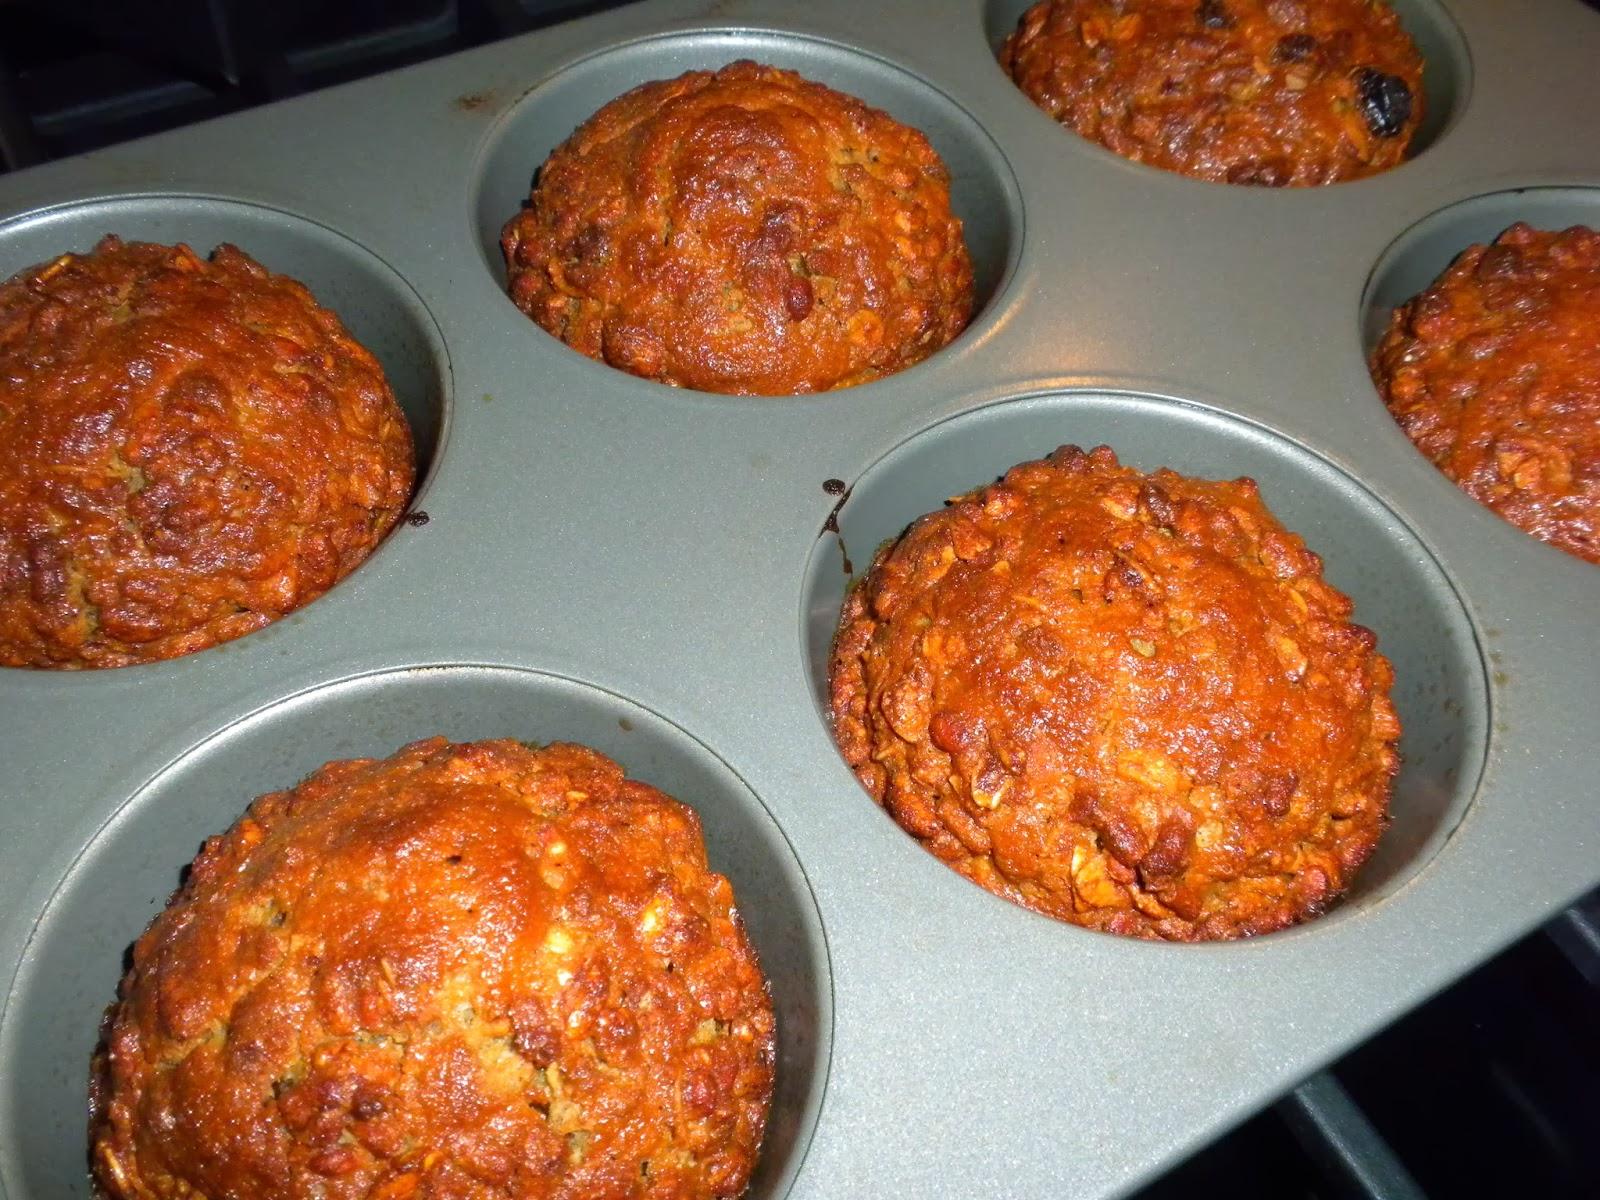 Gluten-Reduced Muffins